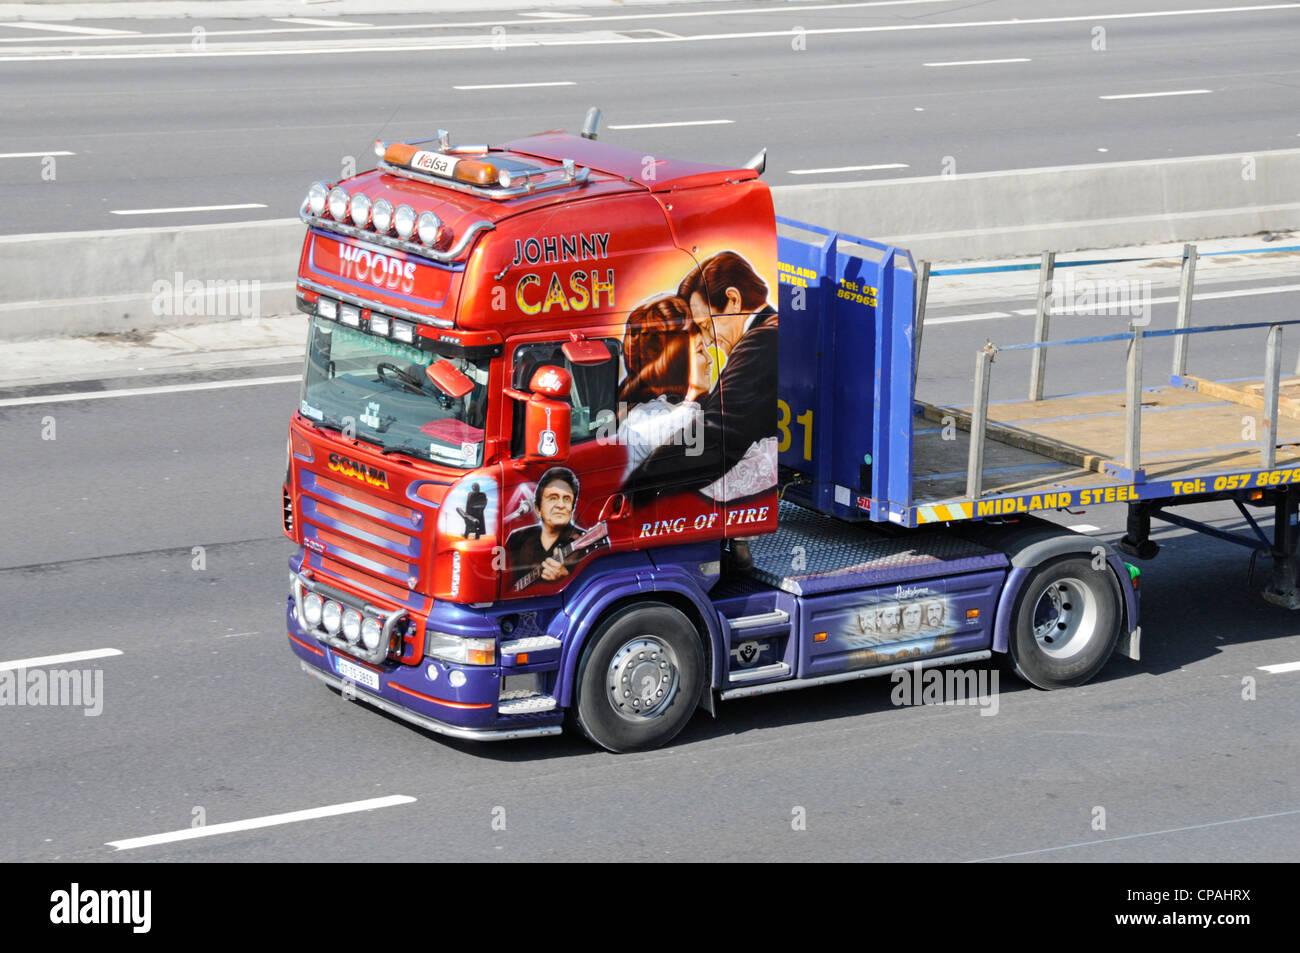 Scania LKW mit bunten Johnny Cash-Grafik auf Seite der Kabine UK Autobahn entlangfahren Stockbild